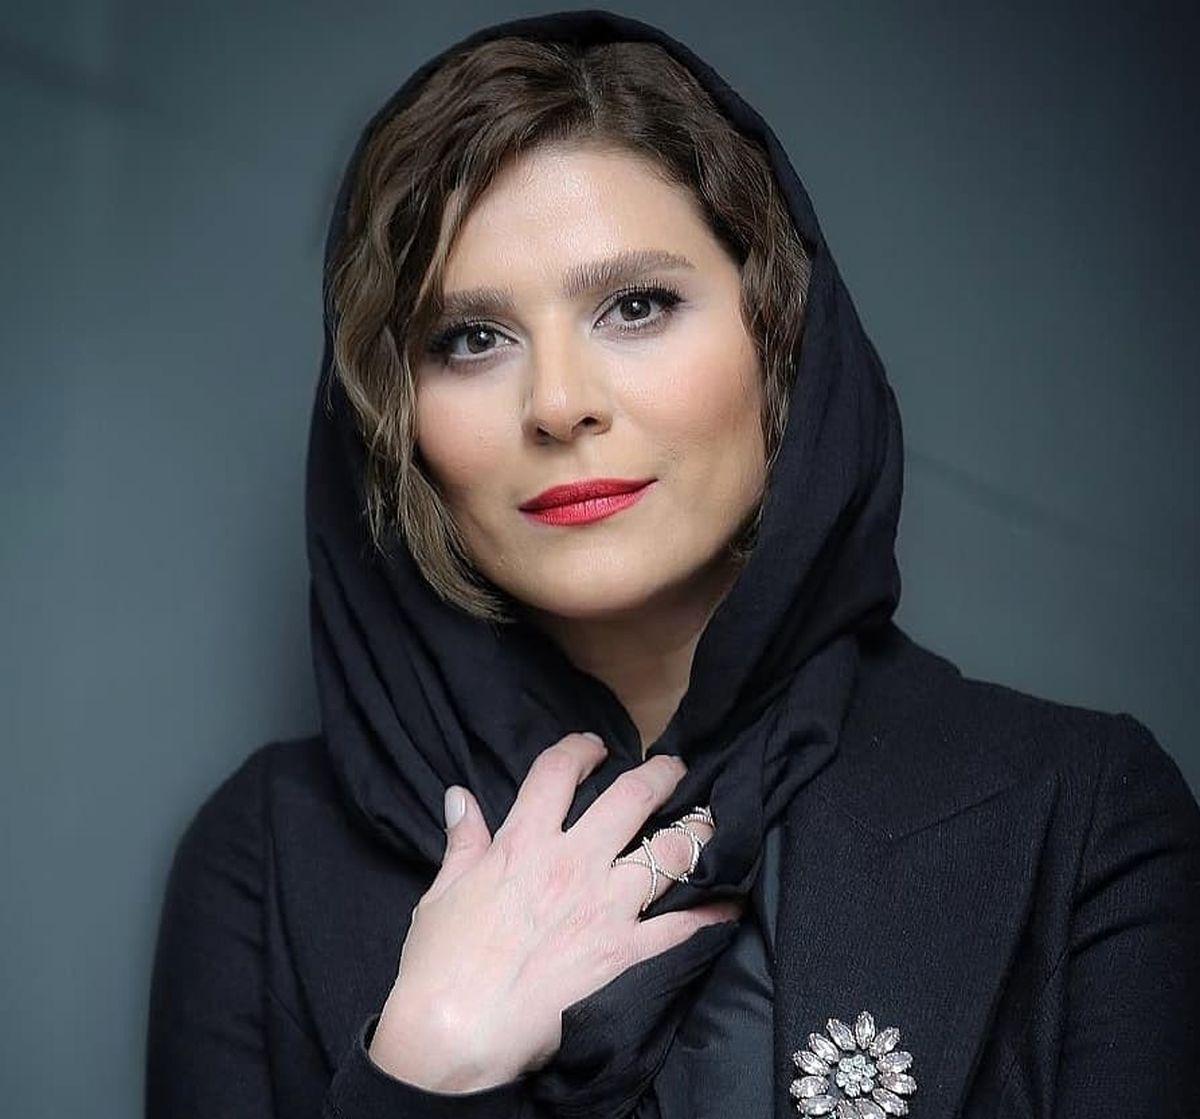 خاطرات عاشقانه سحر دولتشاهی فضای مجازی را تکان داد+فیلم دیده نشده